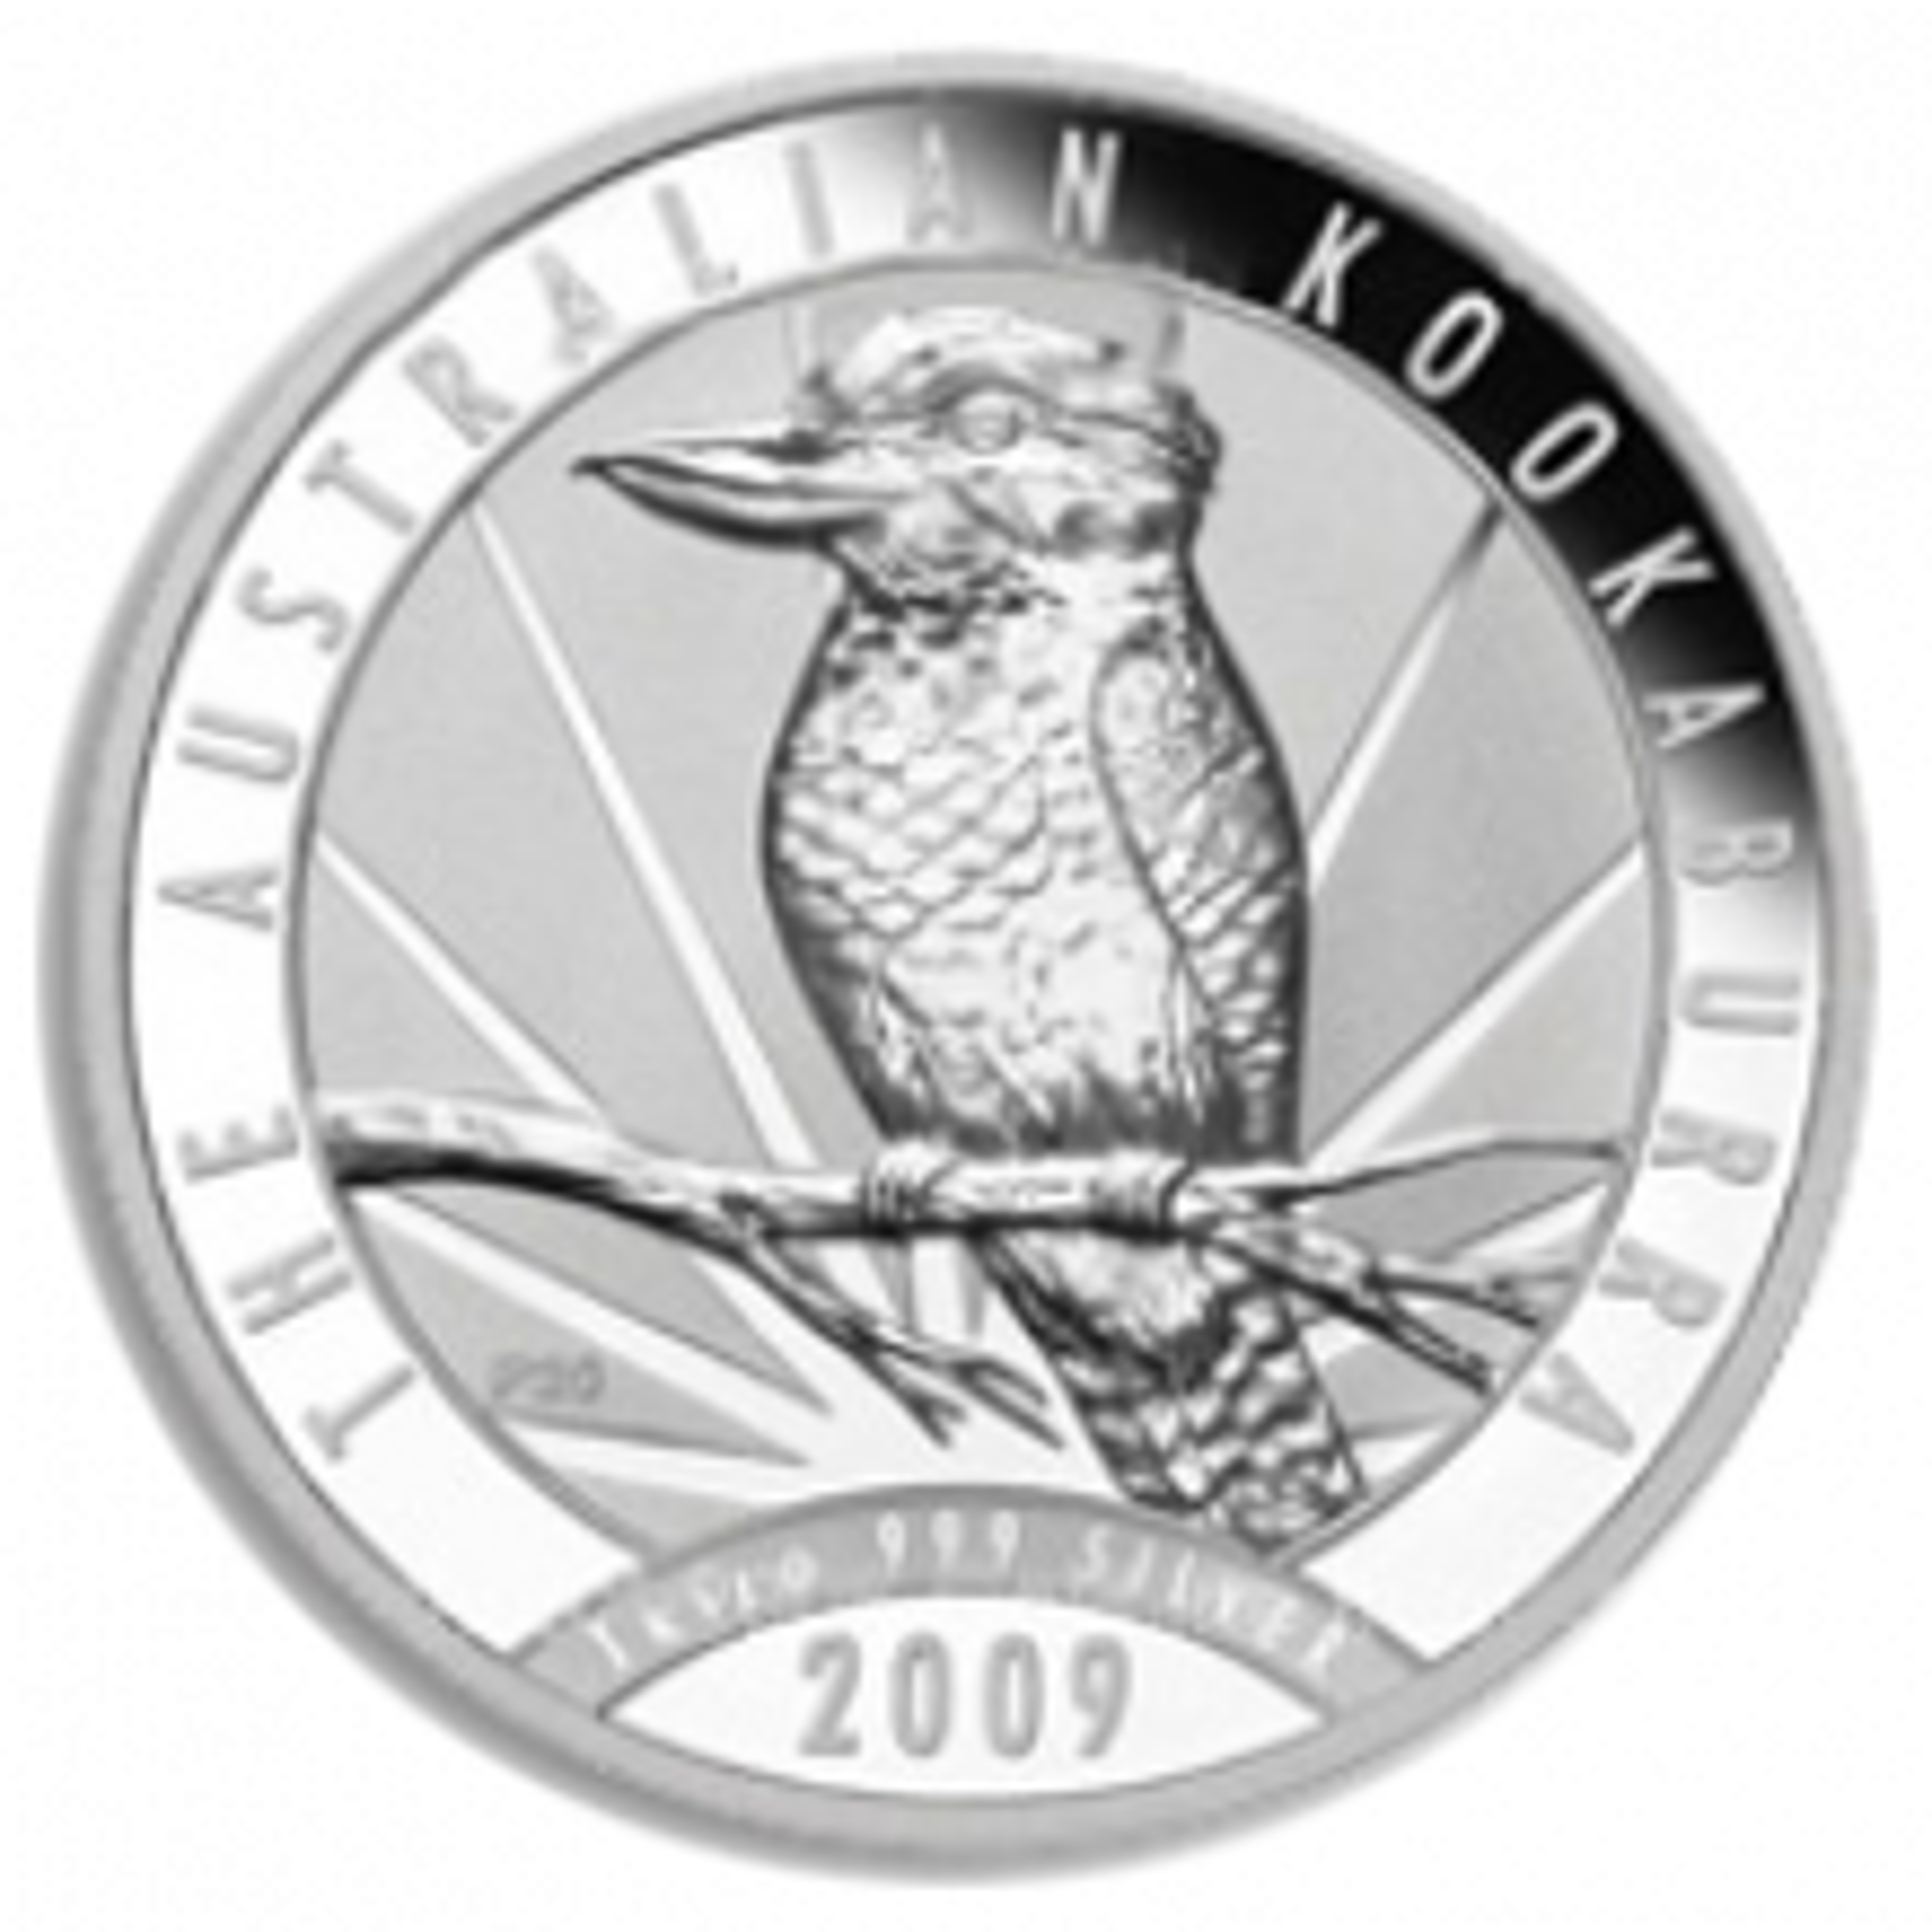 1 troy ounce silver coin Kookaburra 2009